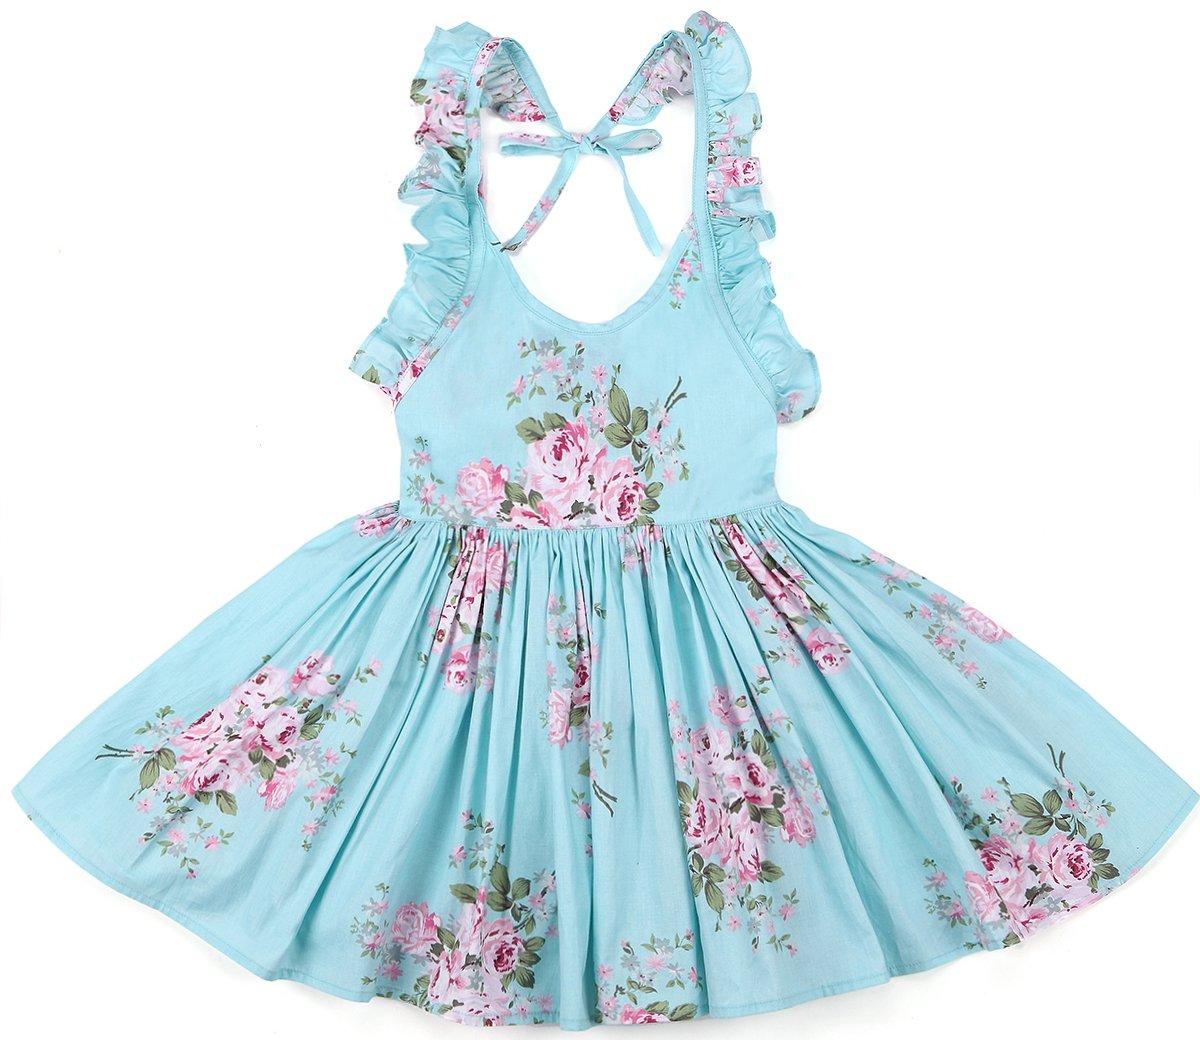 2a4c019eba6 Flofallzique Vintage Floral Blue Girls Dress Baby Backless Easter Sundress  Toddler Clothes product image